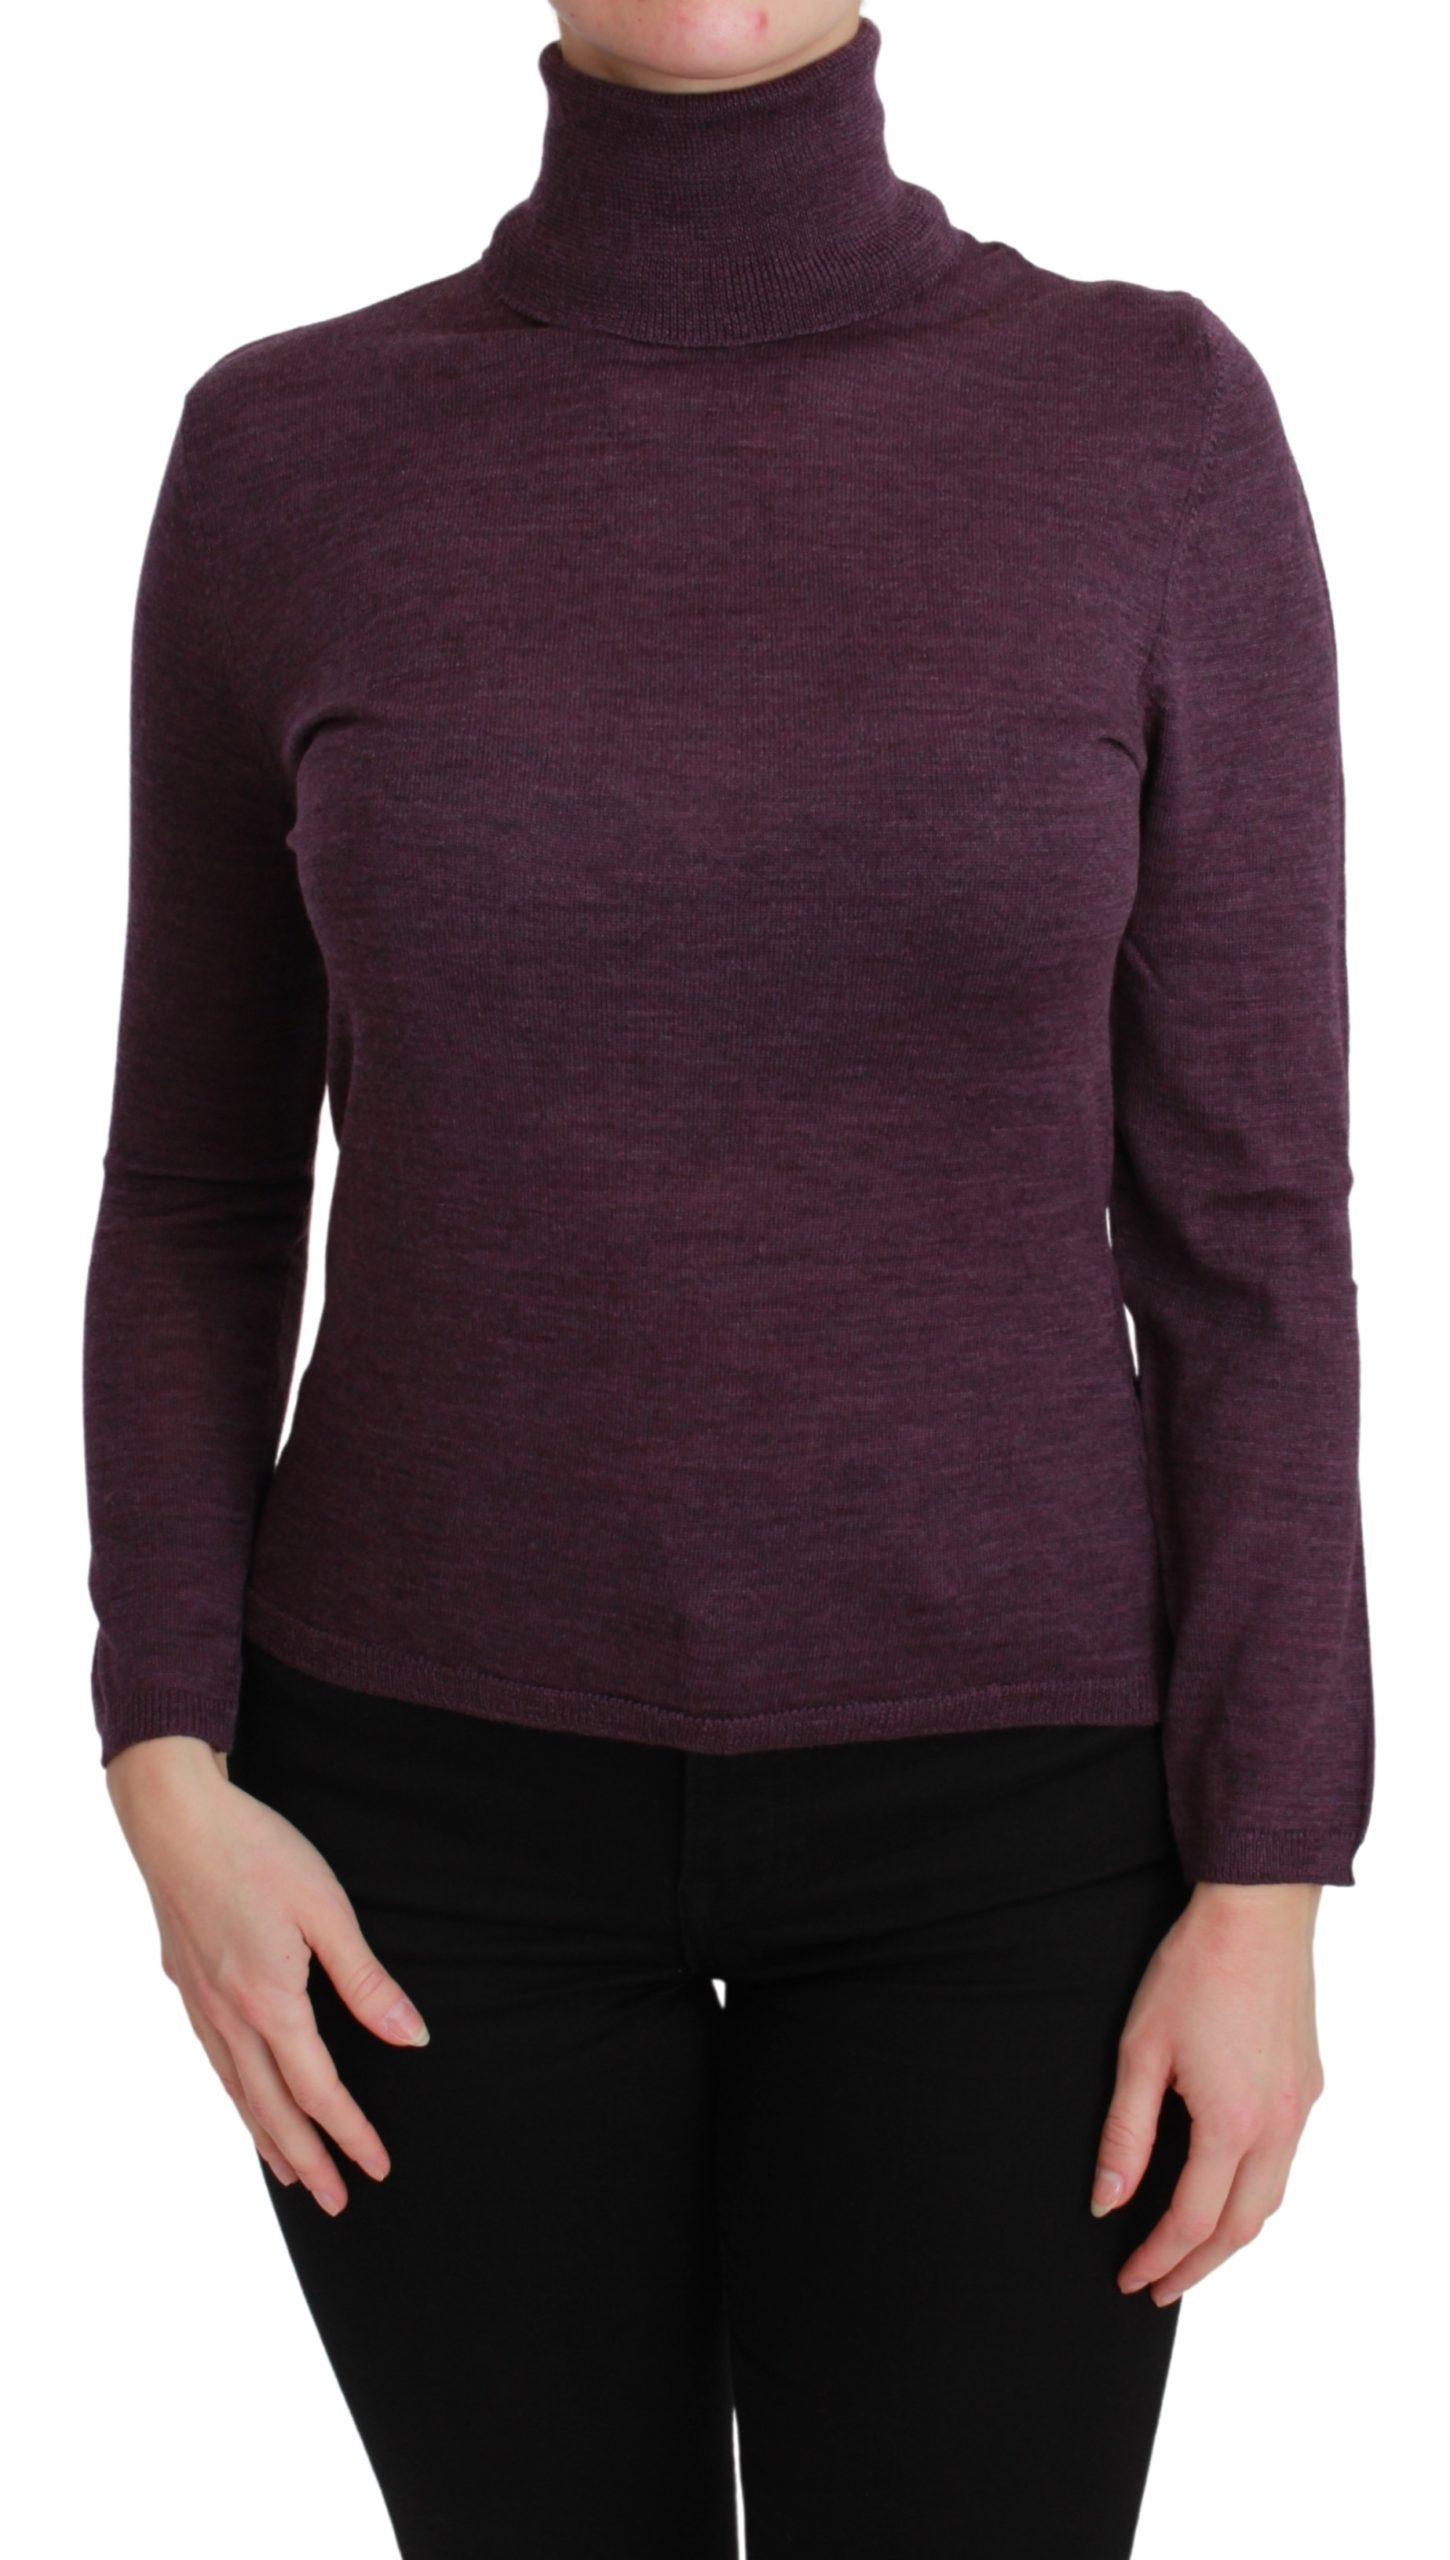 BYBLOS Women's Turtleneck LS Pullover Wool Sweater Purple TSH2690 - L